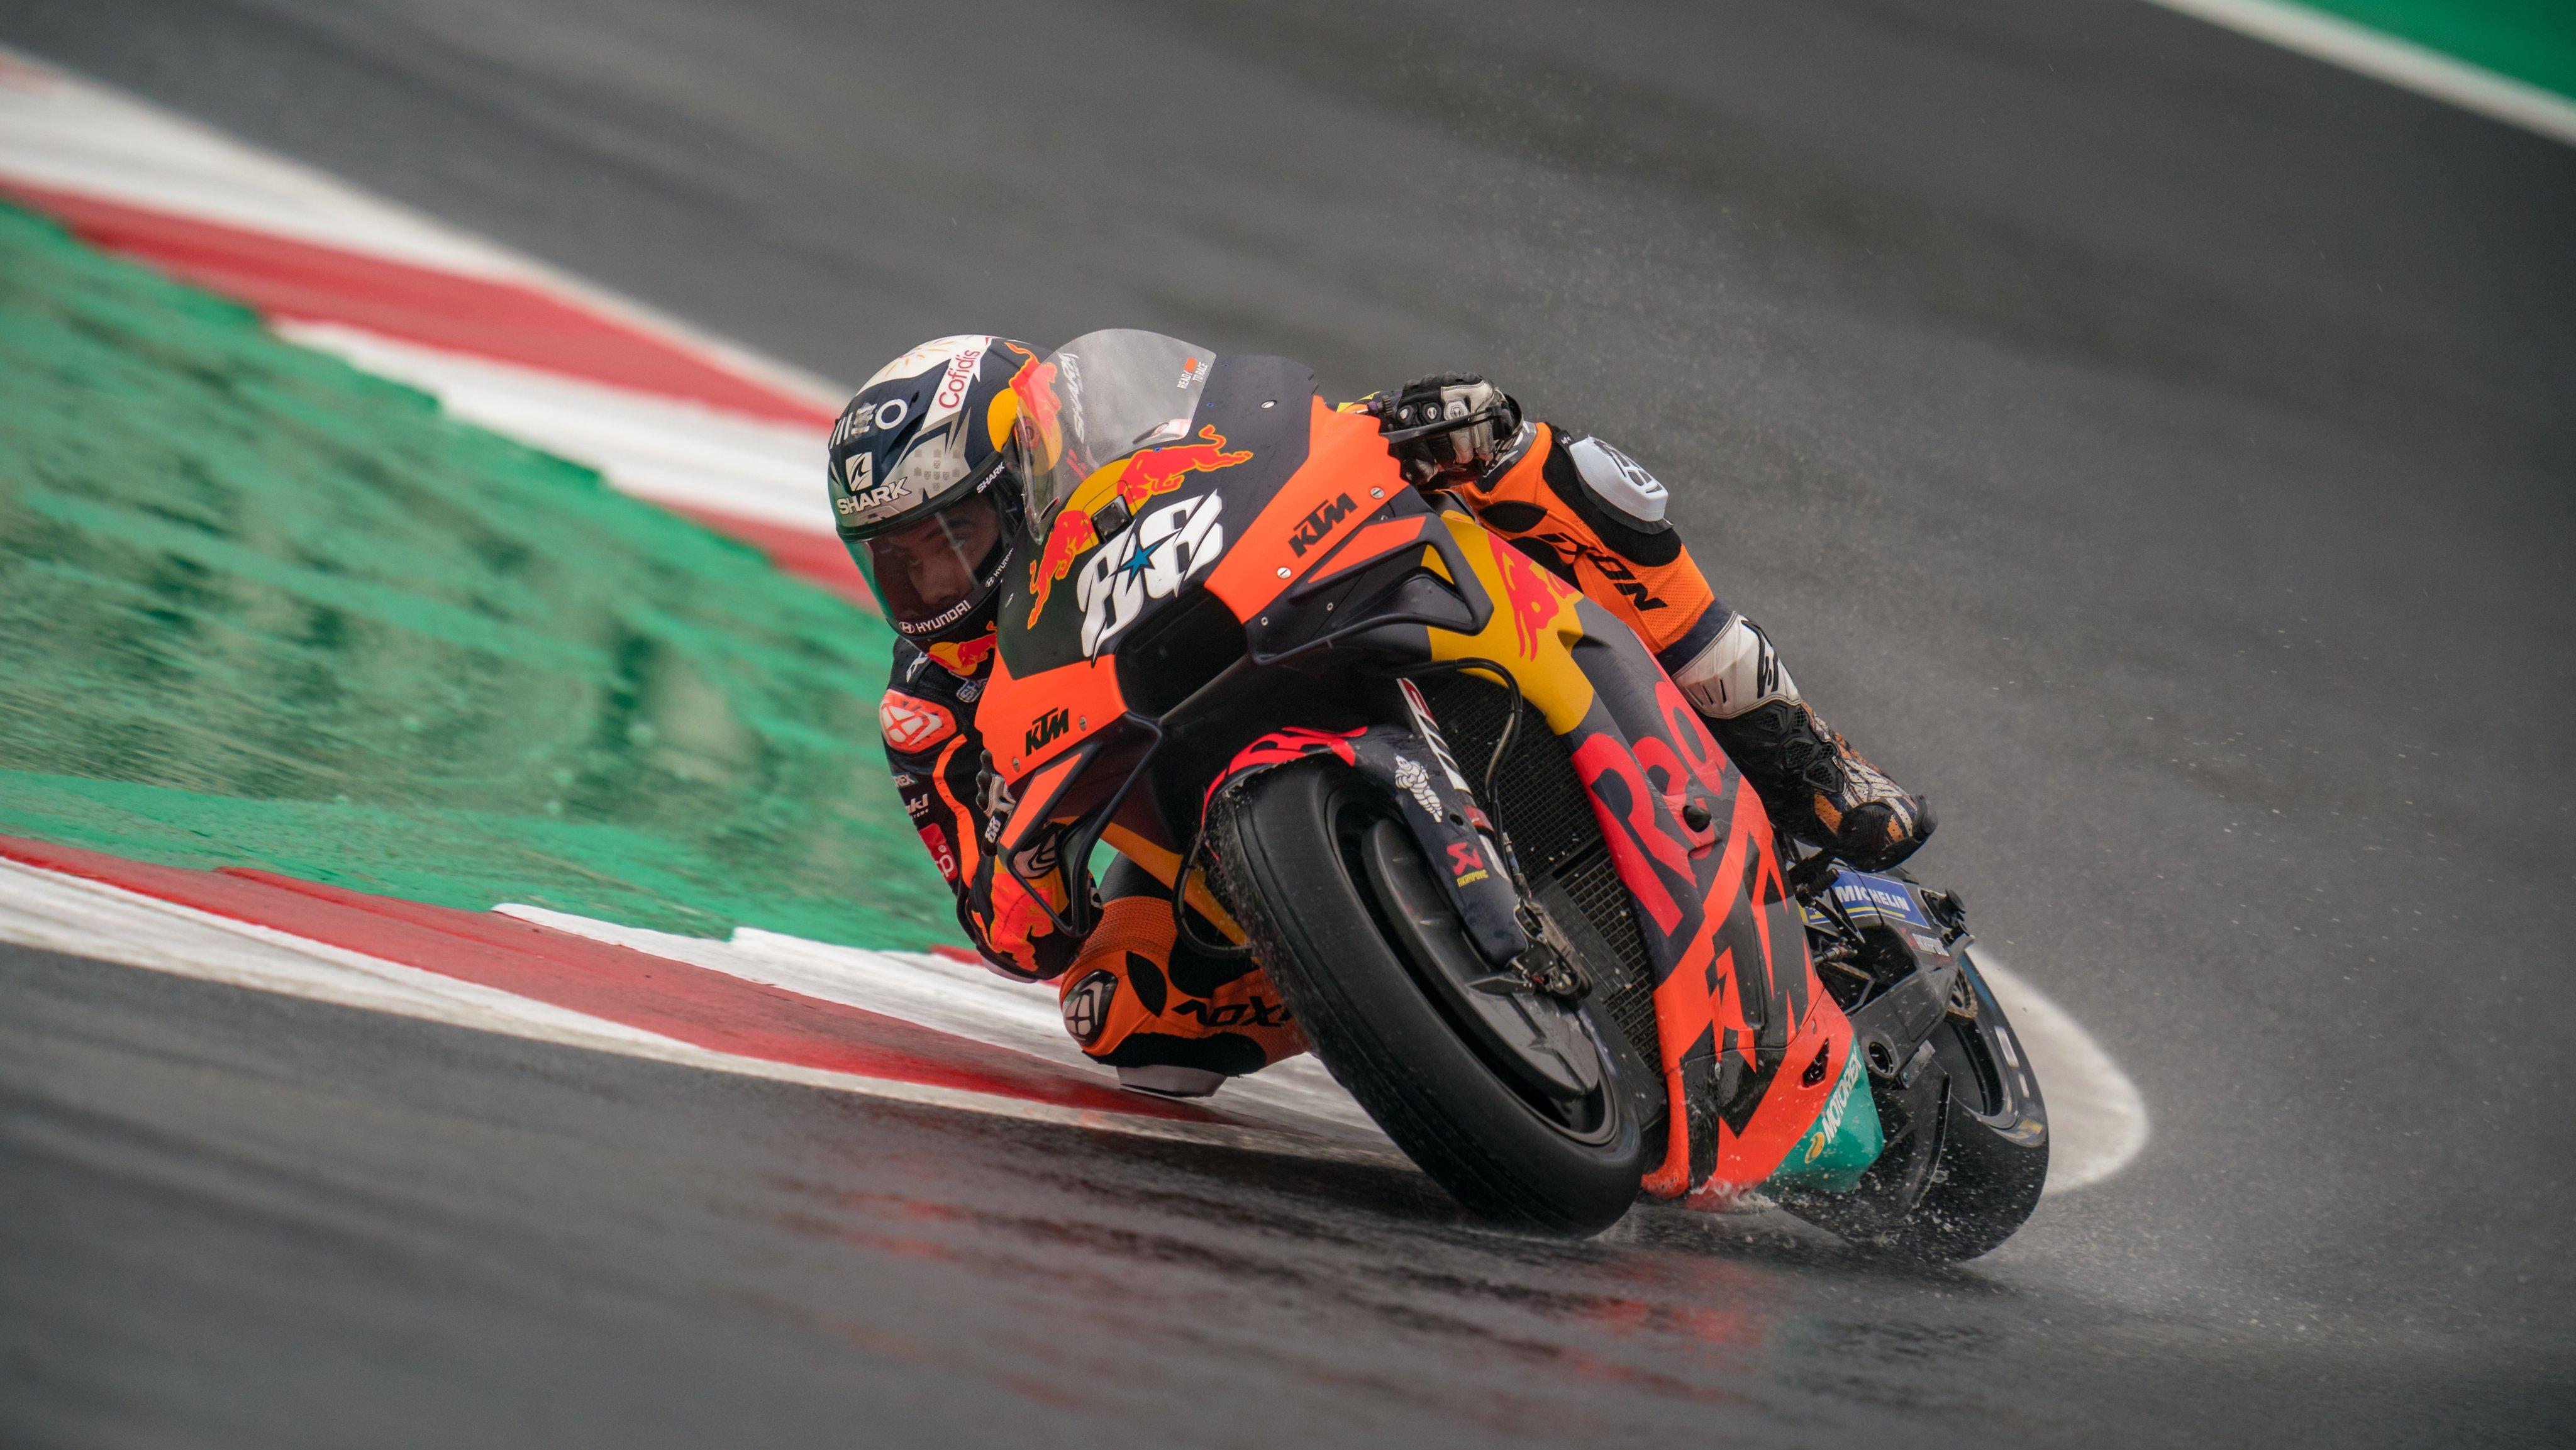 MotoGP of Emilia Romagna - Free Practice